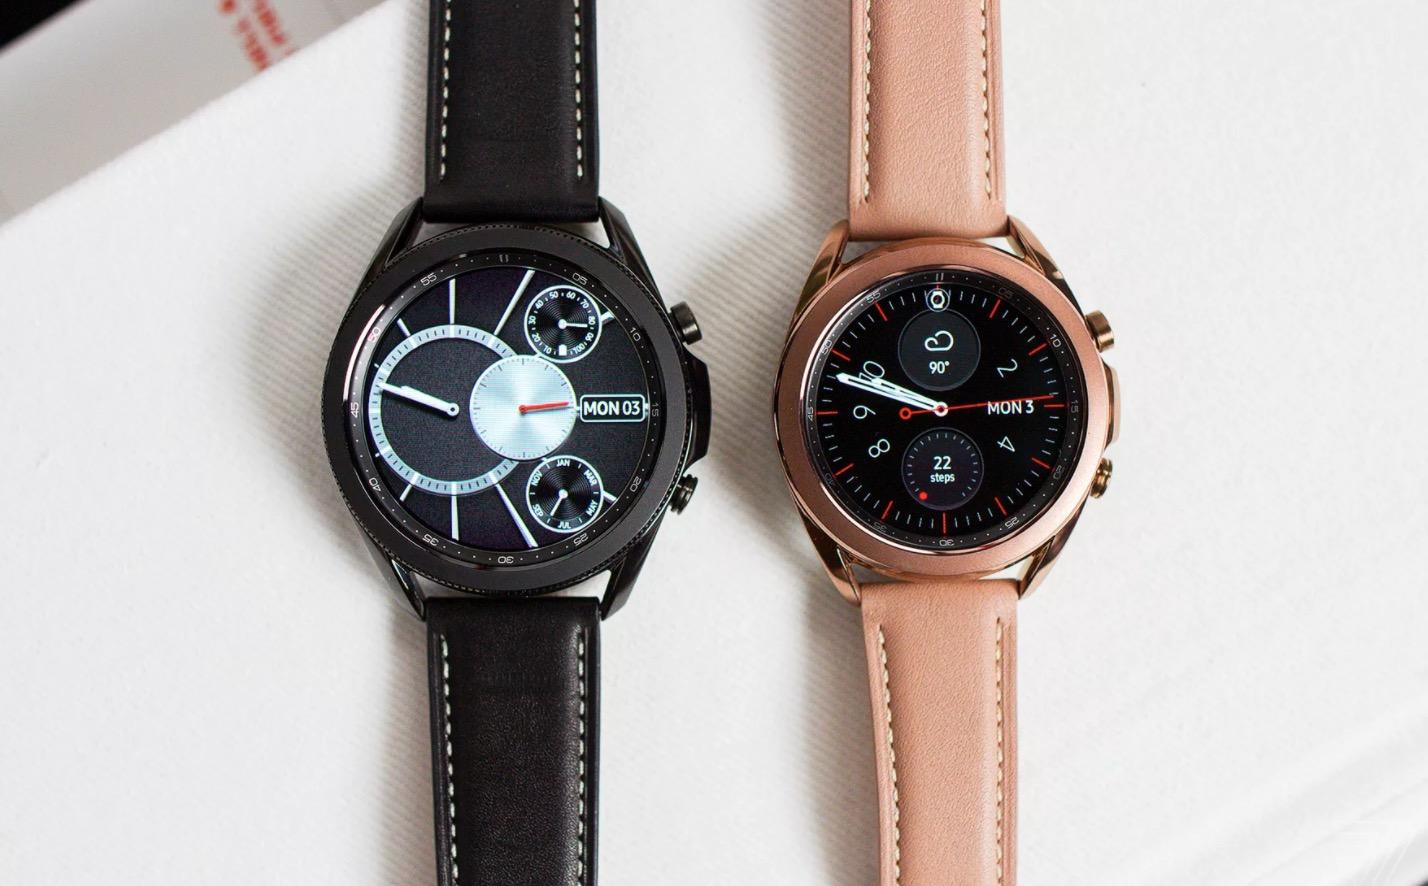 Samsung chính thức ra mắt Galaxy Watch 3 với vòng bezel vật lý, hai lựa chọn kích thước, giá từ 399.99 USD